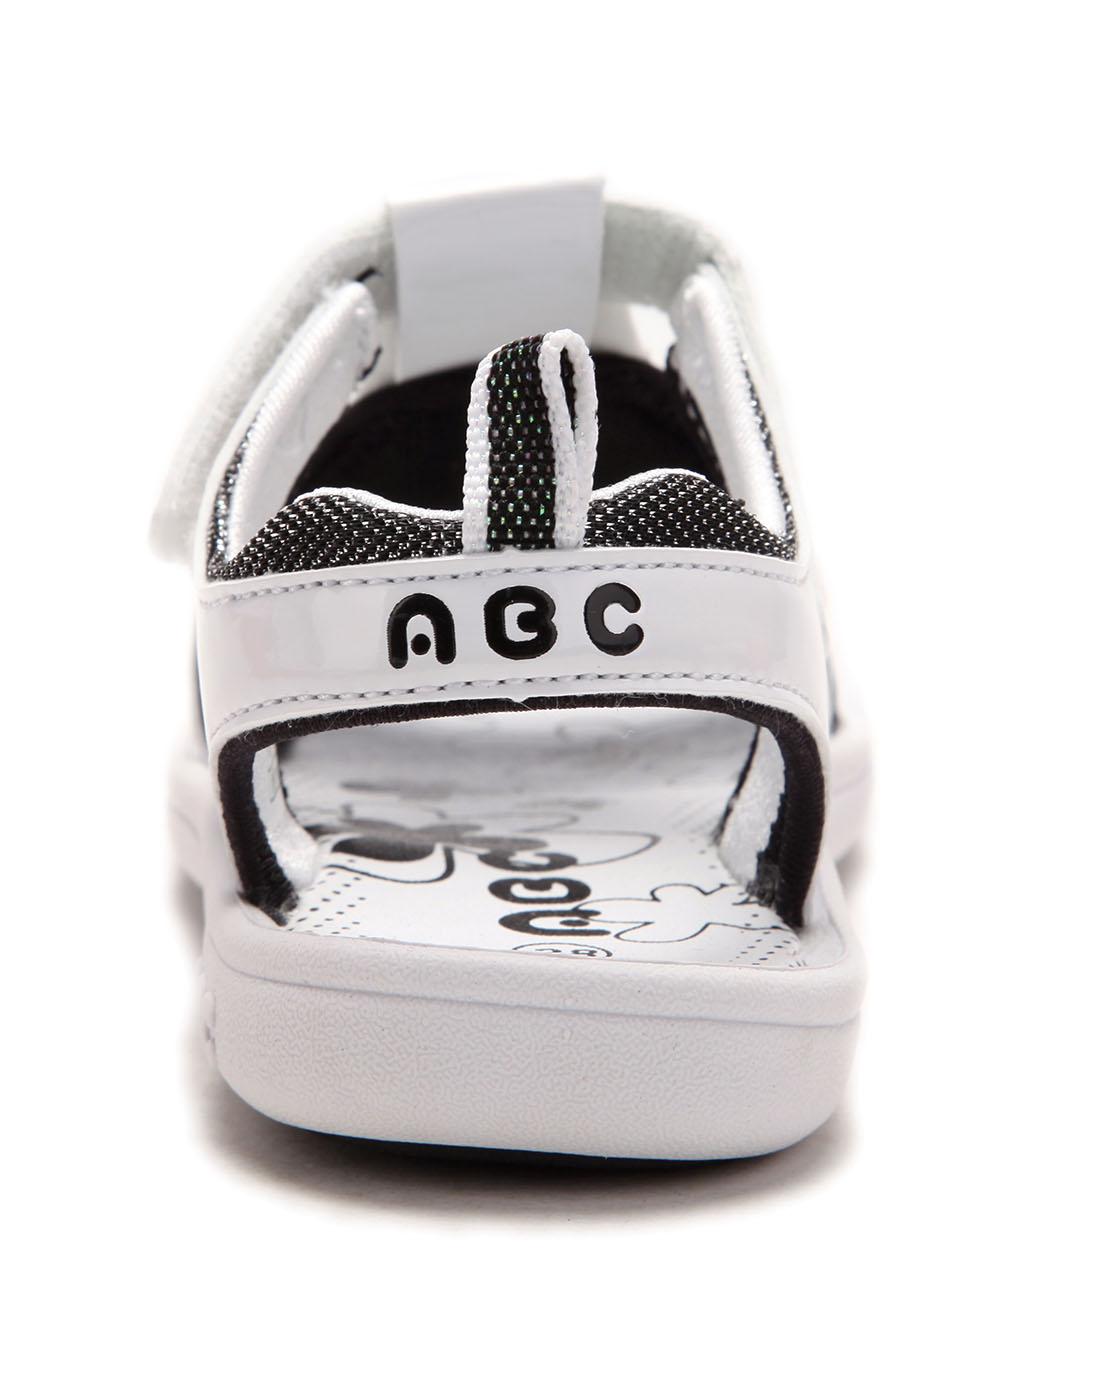 abckids男女童女小童白/黑沙滩运动鞋y22128241-1003